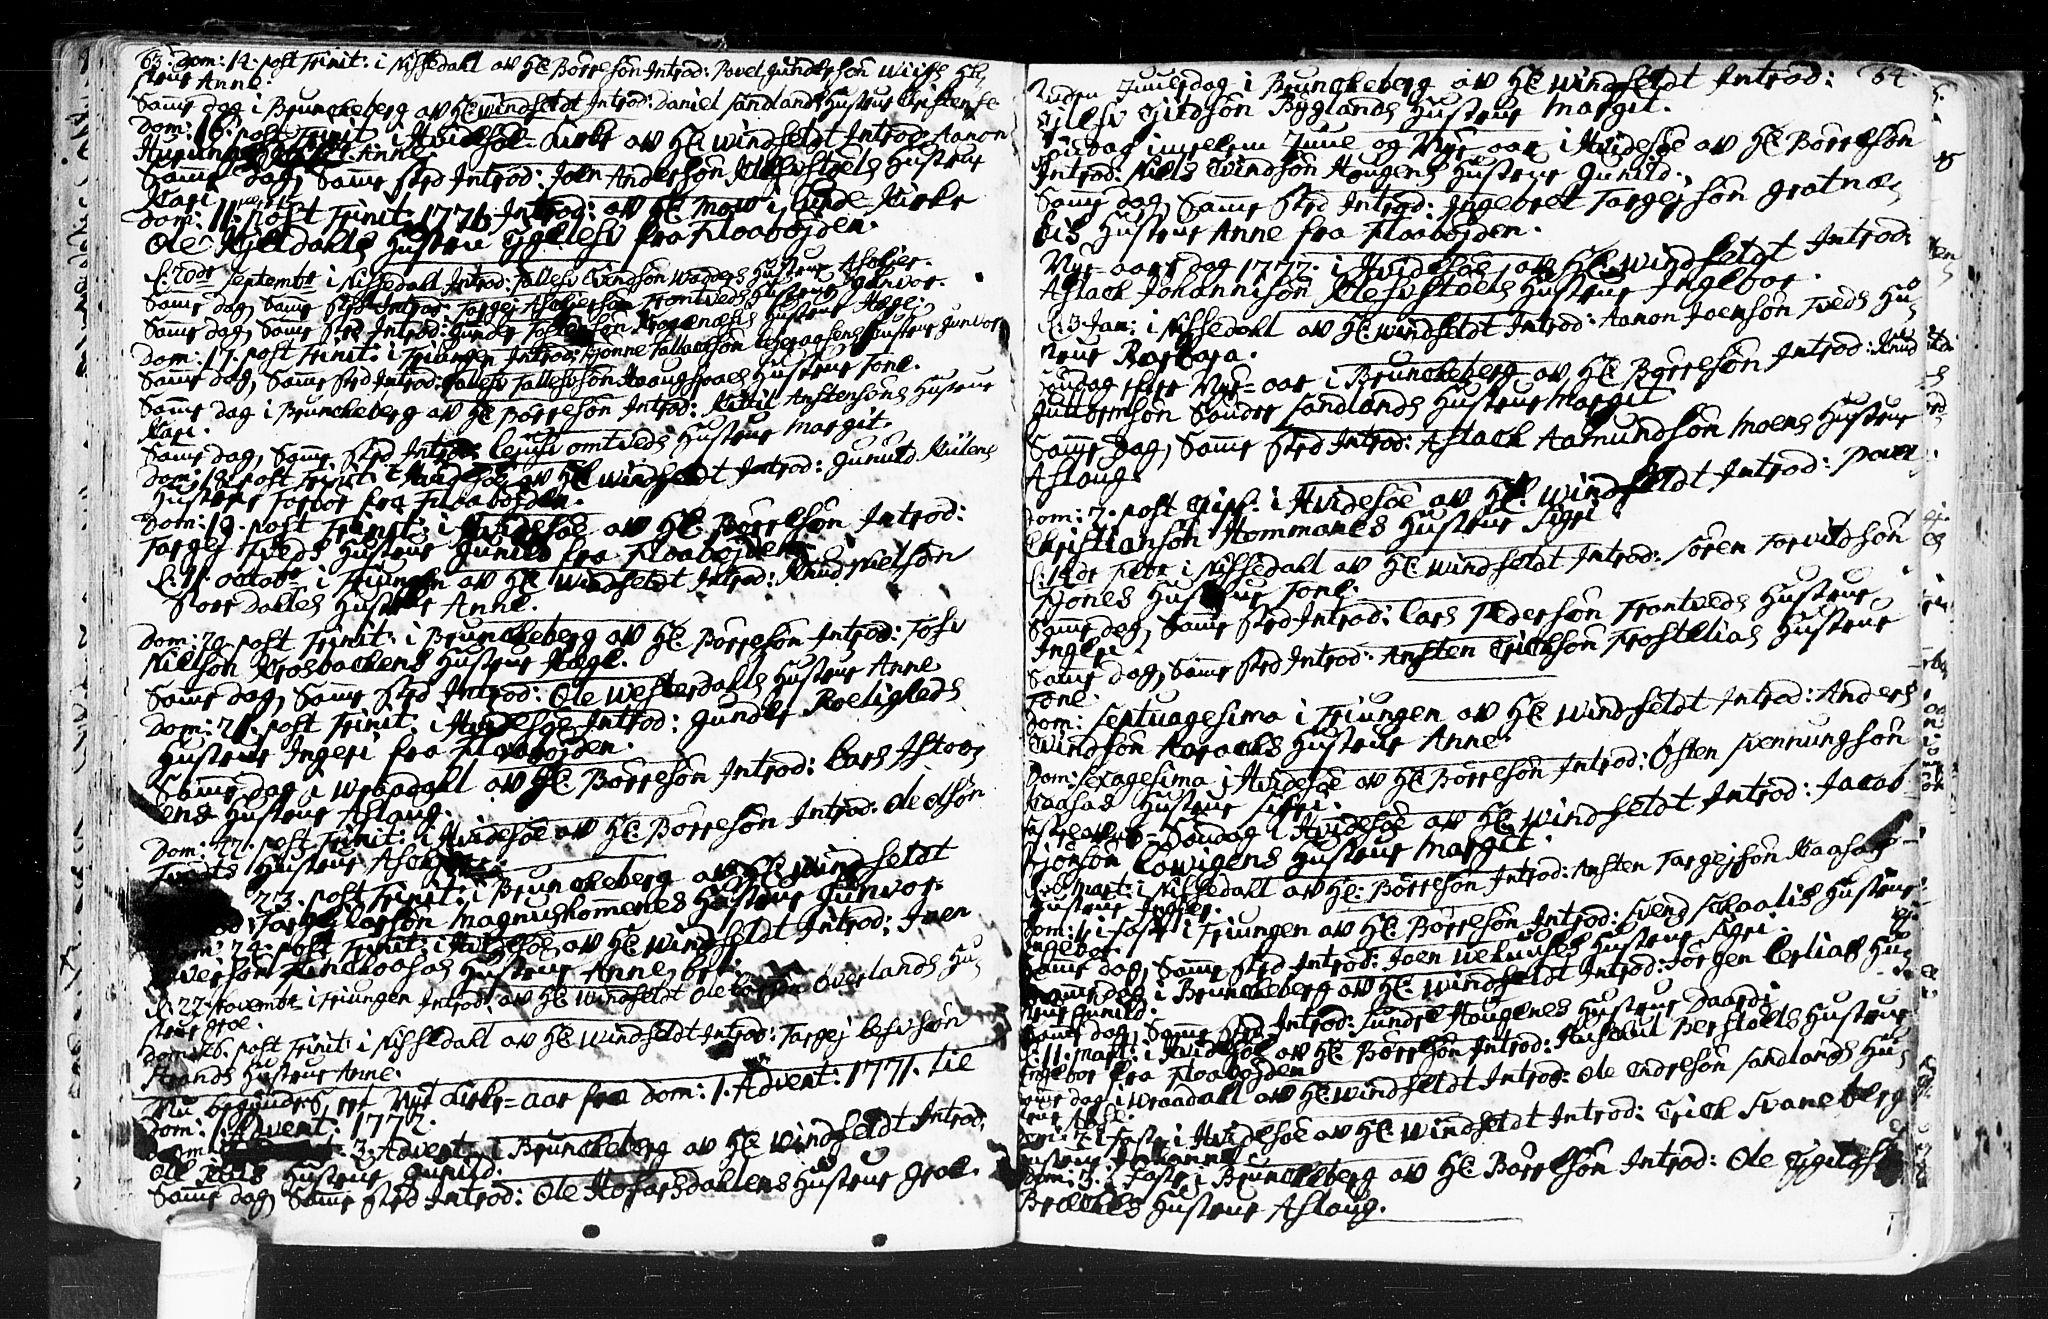 SAKO, Kviteseid kirkebøker, F/Fa/L0001: Ministerialbok nr. I 1, 1754-1773, s. 63-64